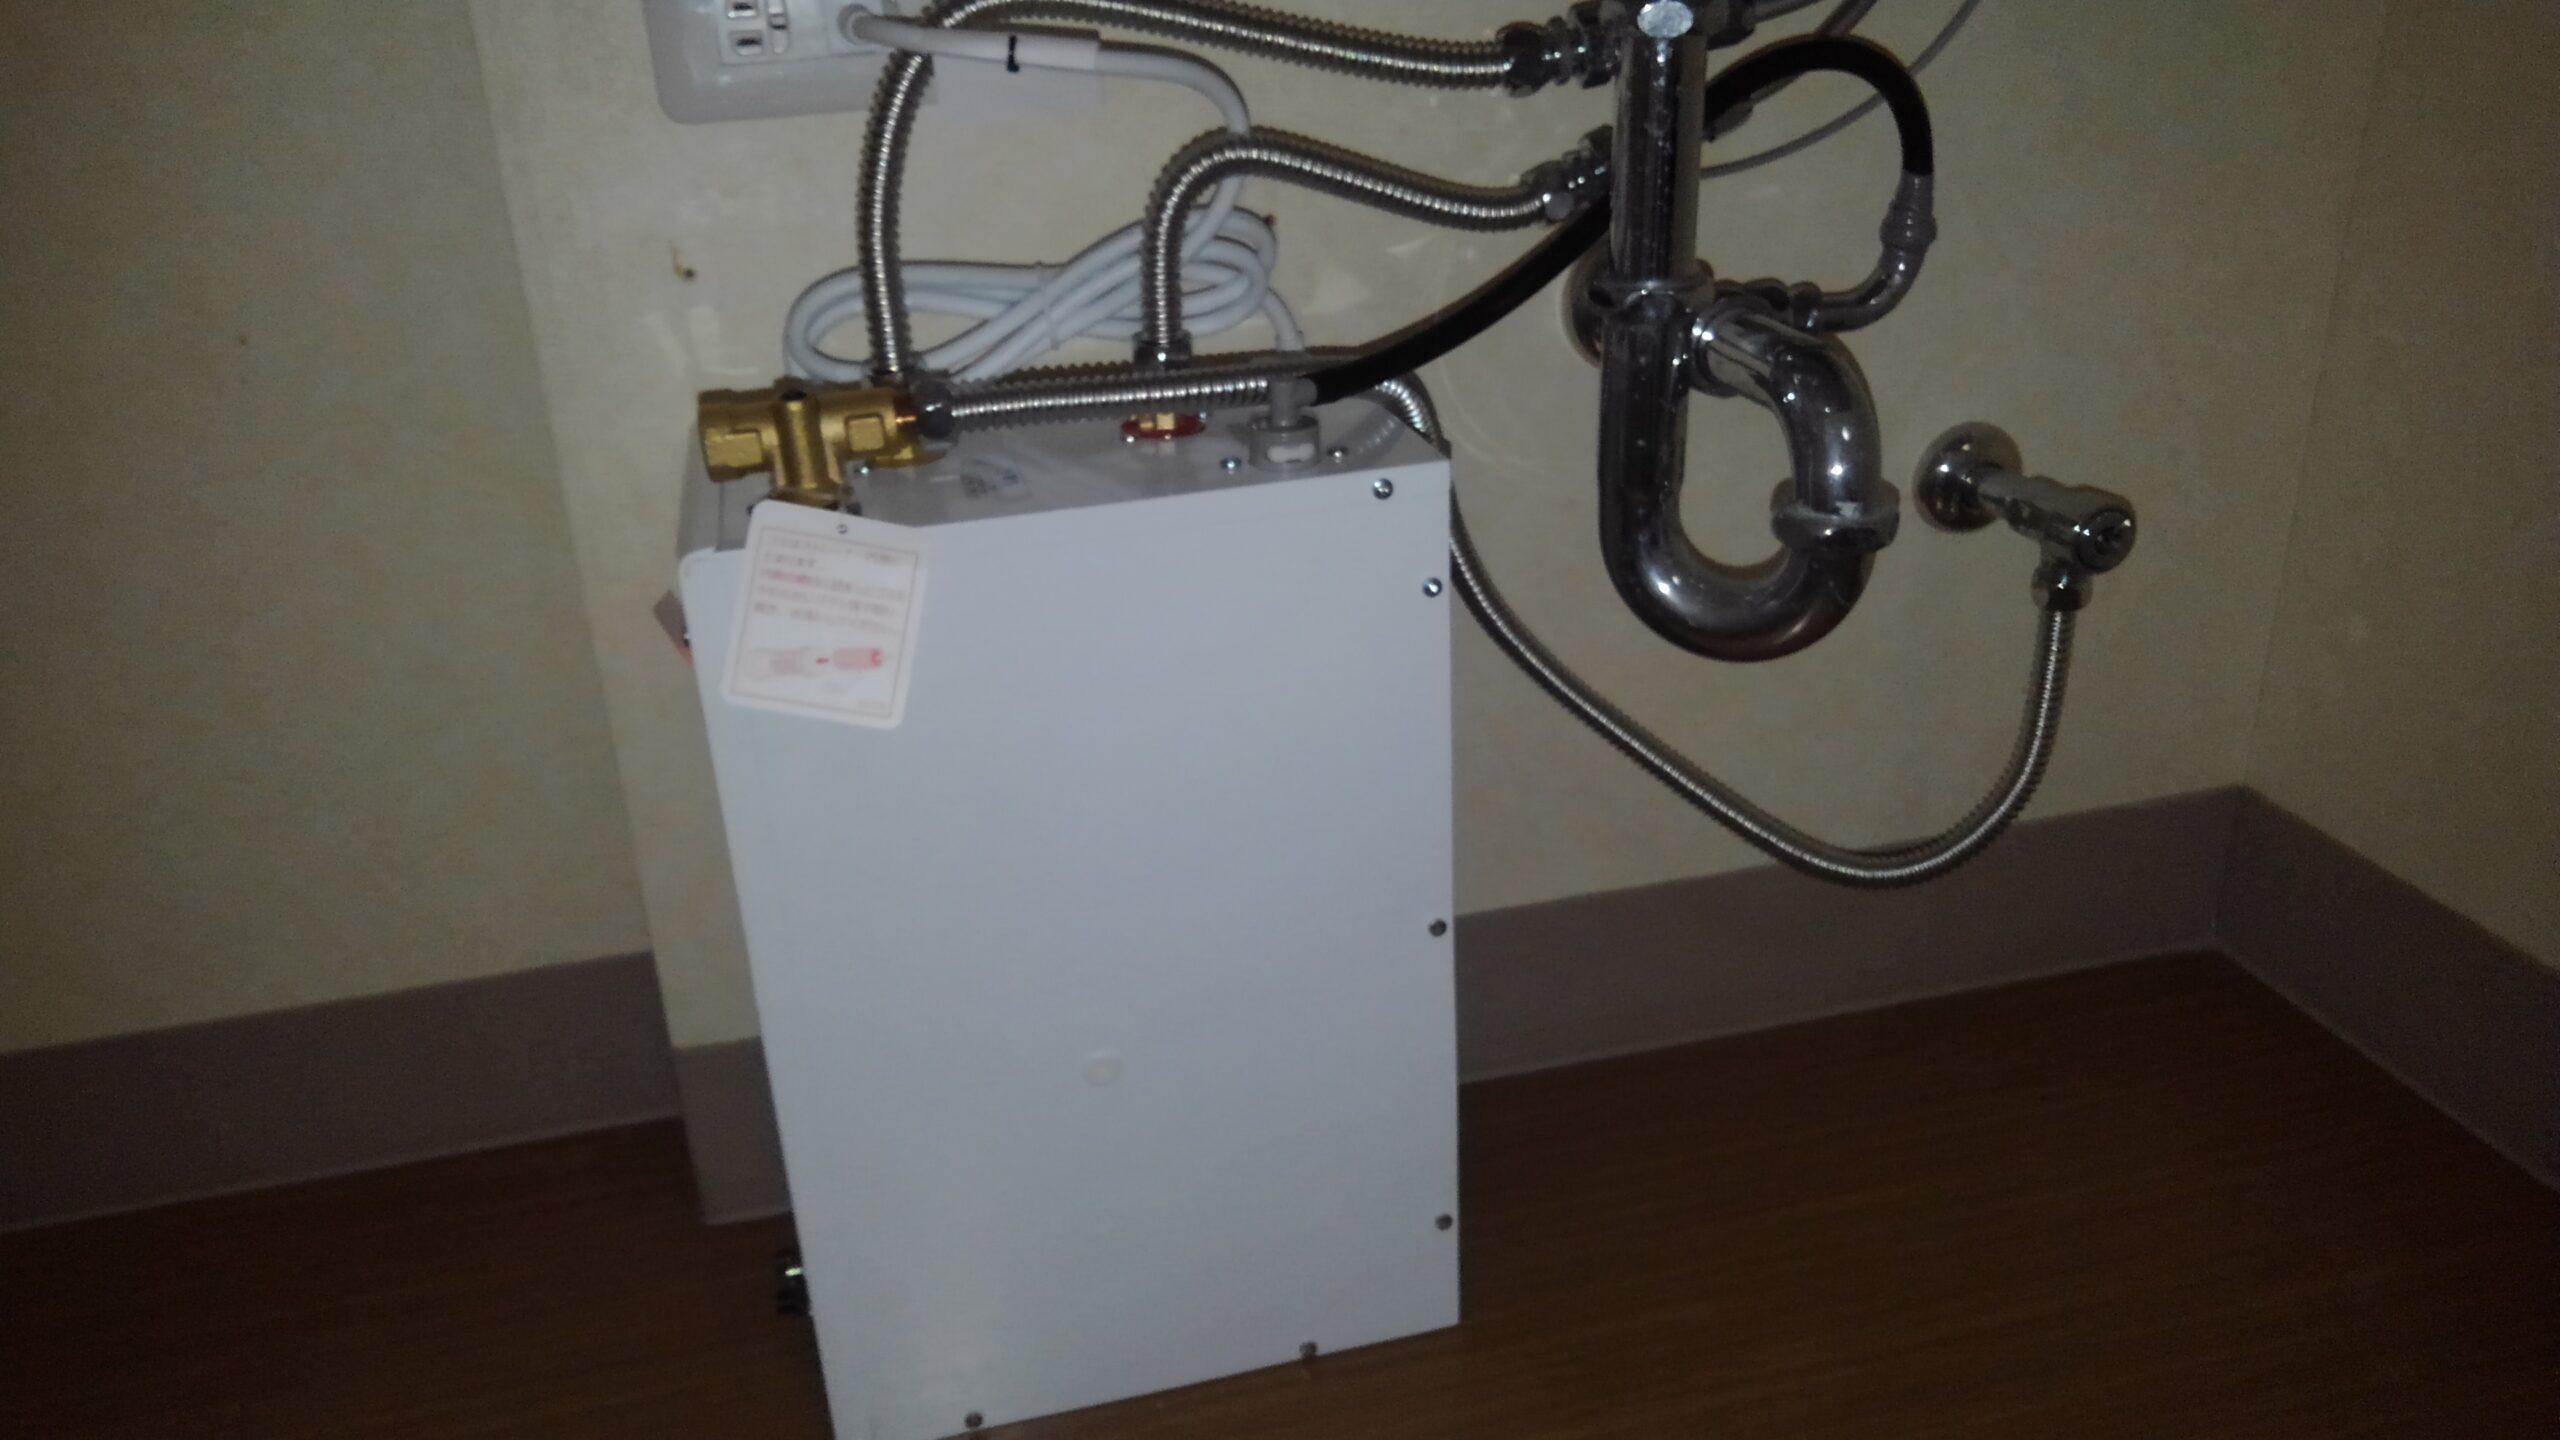 天王寺区 小型電気温水器 施工後①